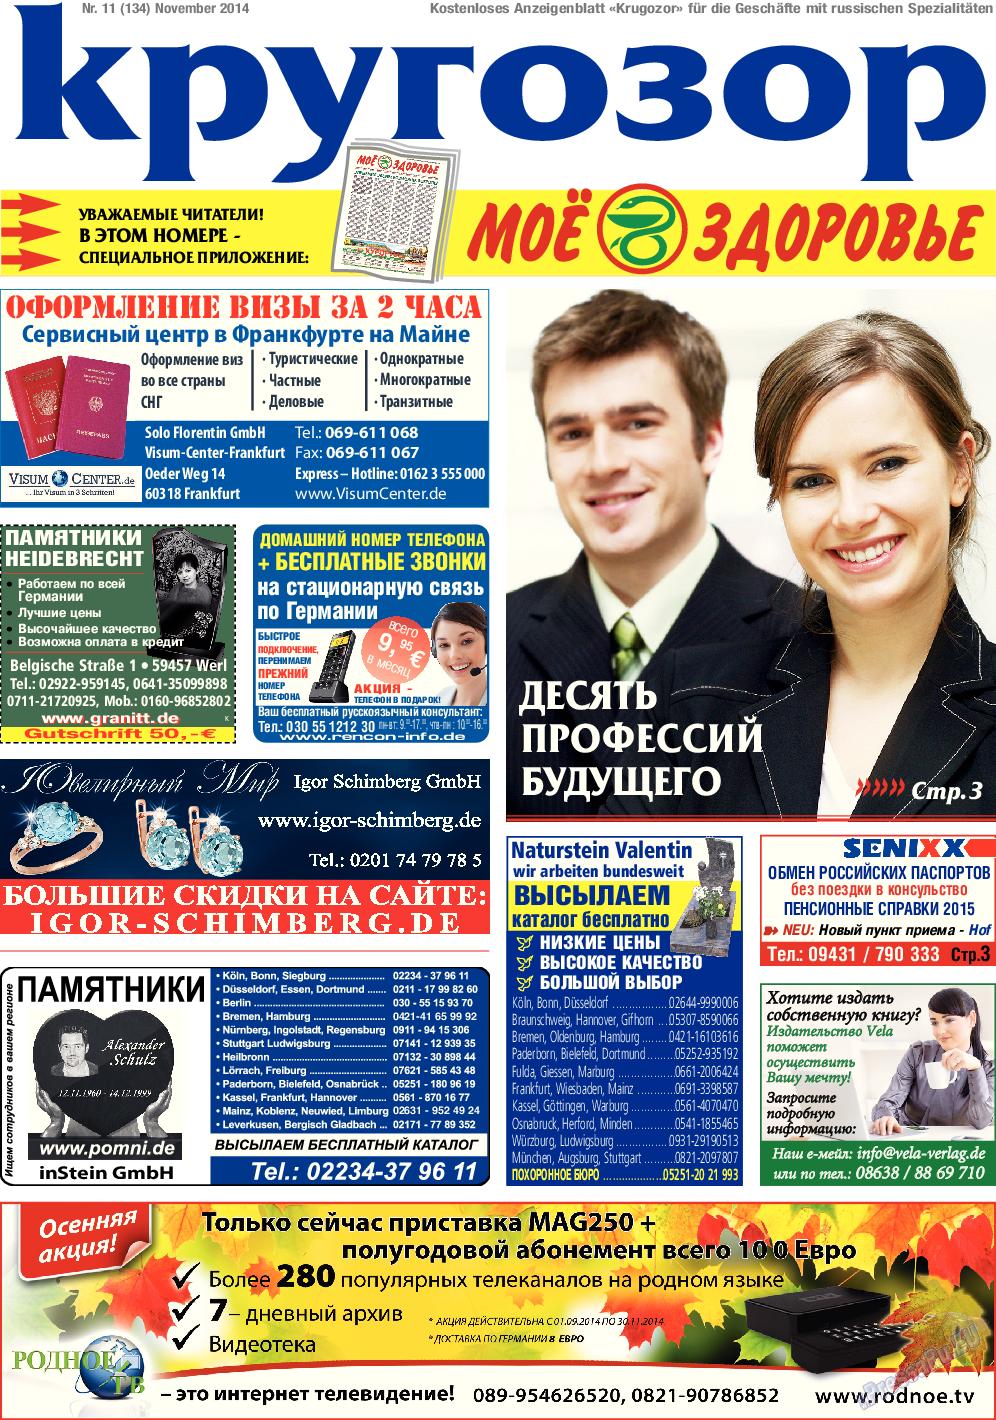 Кругозор (газета). 2014 год, номер 11, стр. 1